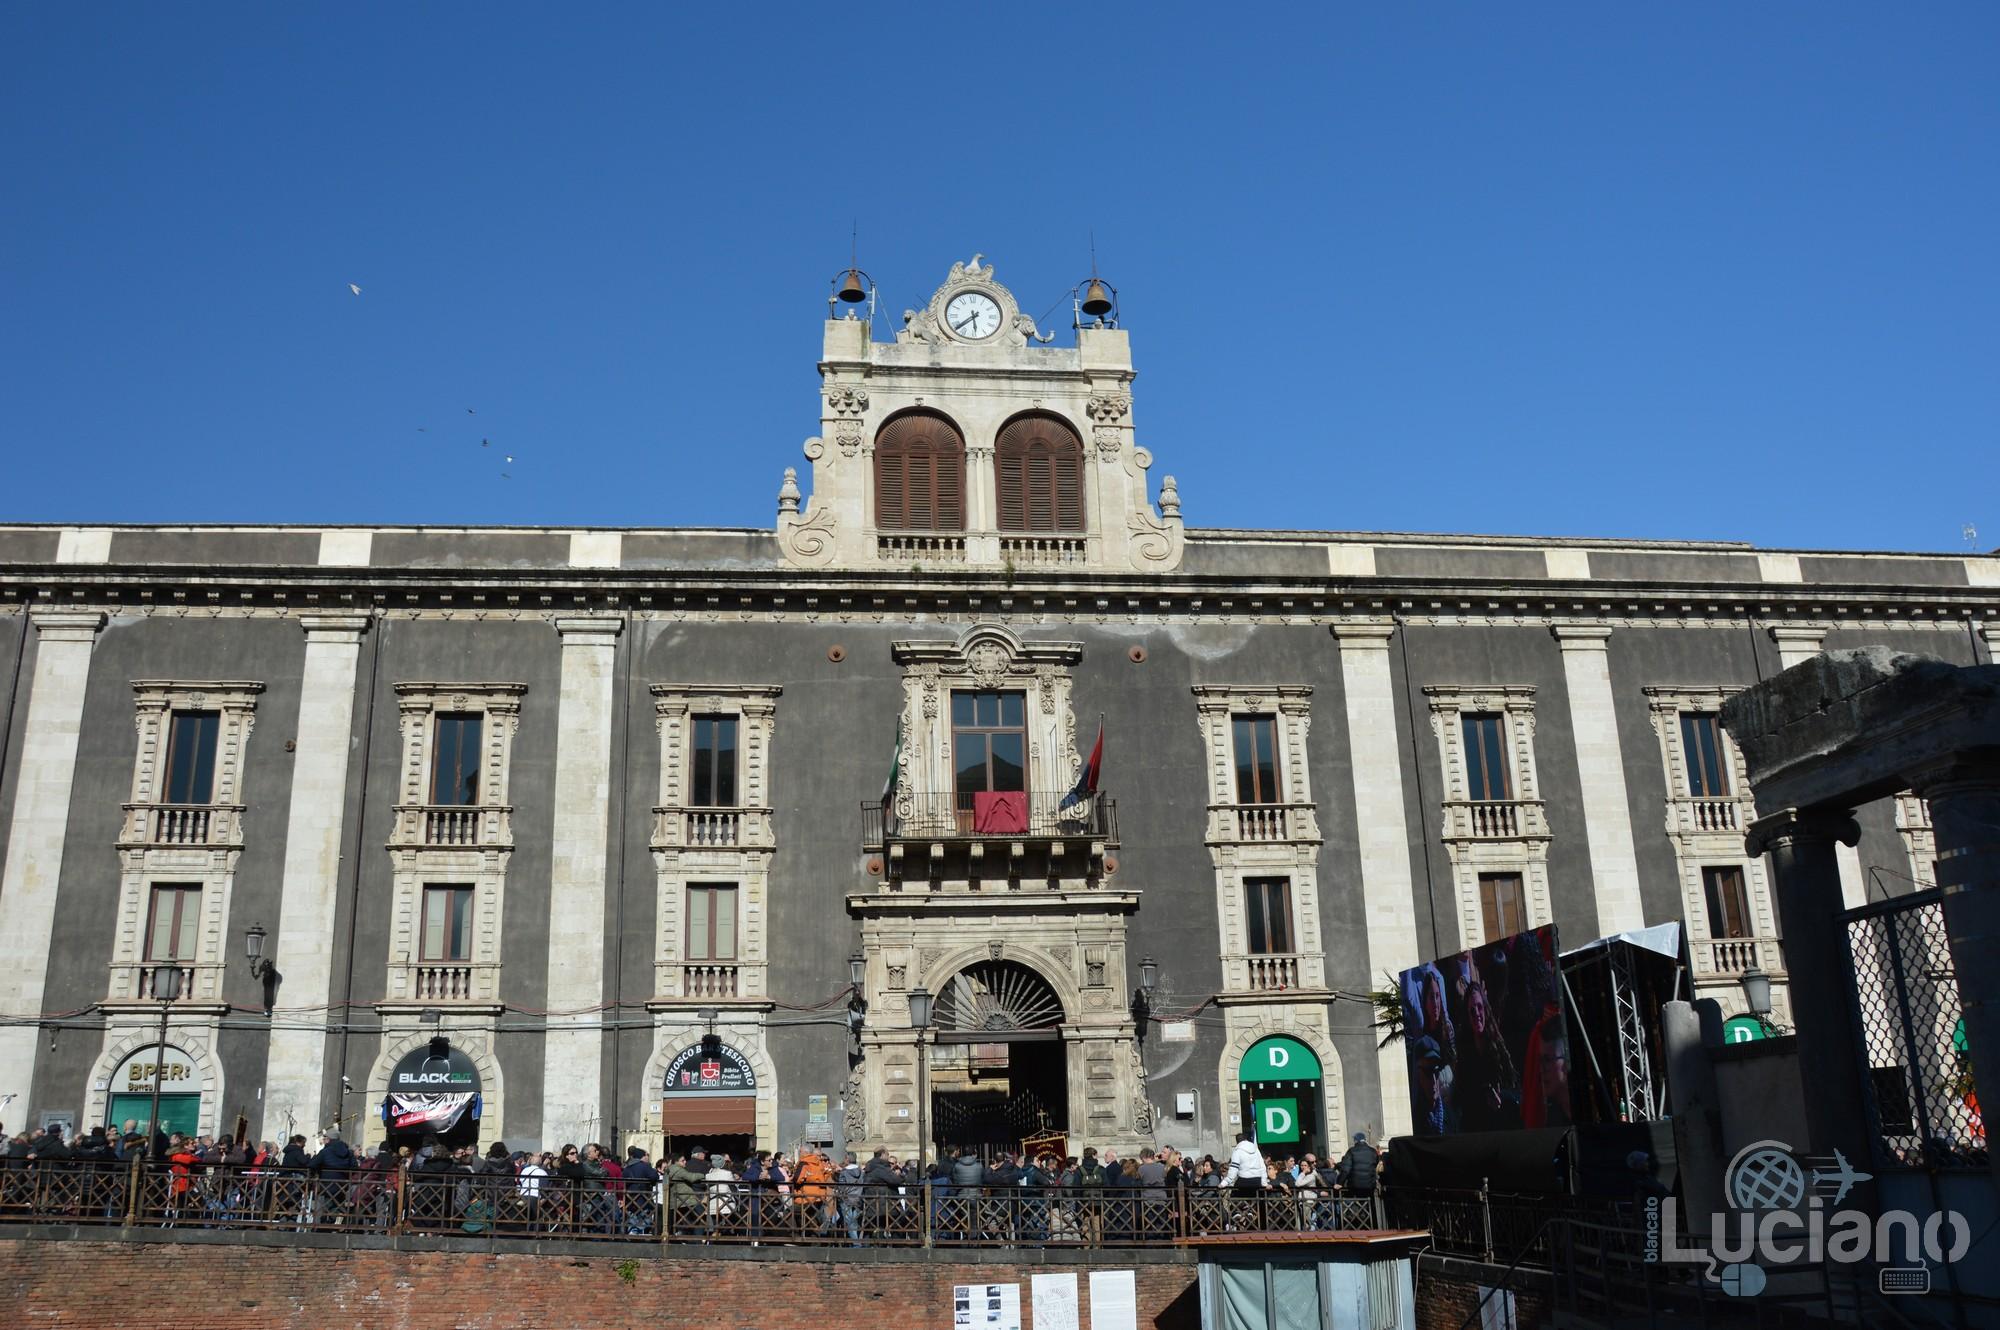 Palazzo Tezzano. In giro per catania, durante i festeggiamenti per Sant'Agata 2019 - Catania (CT)